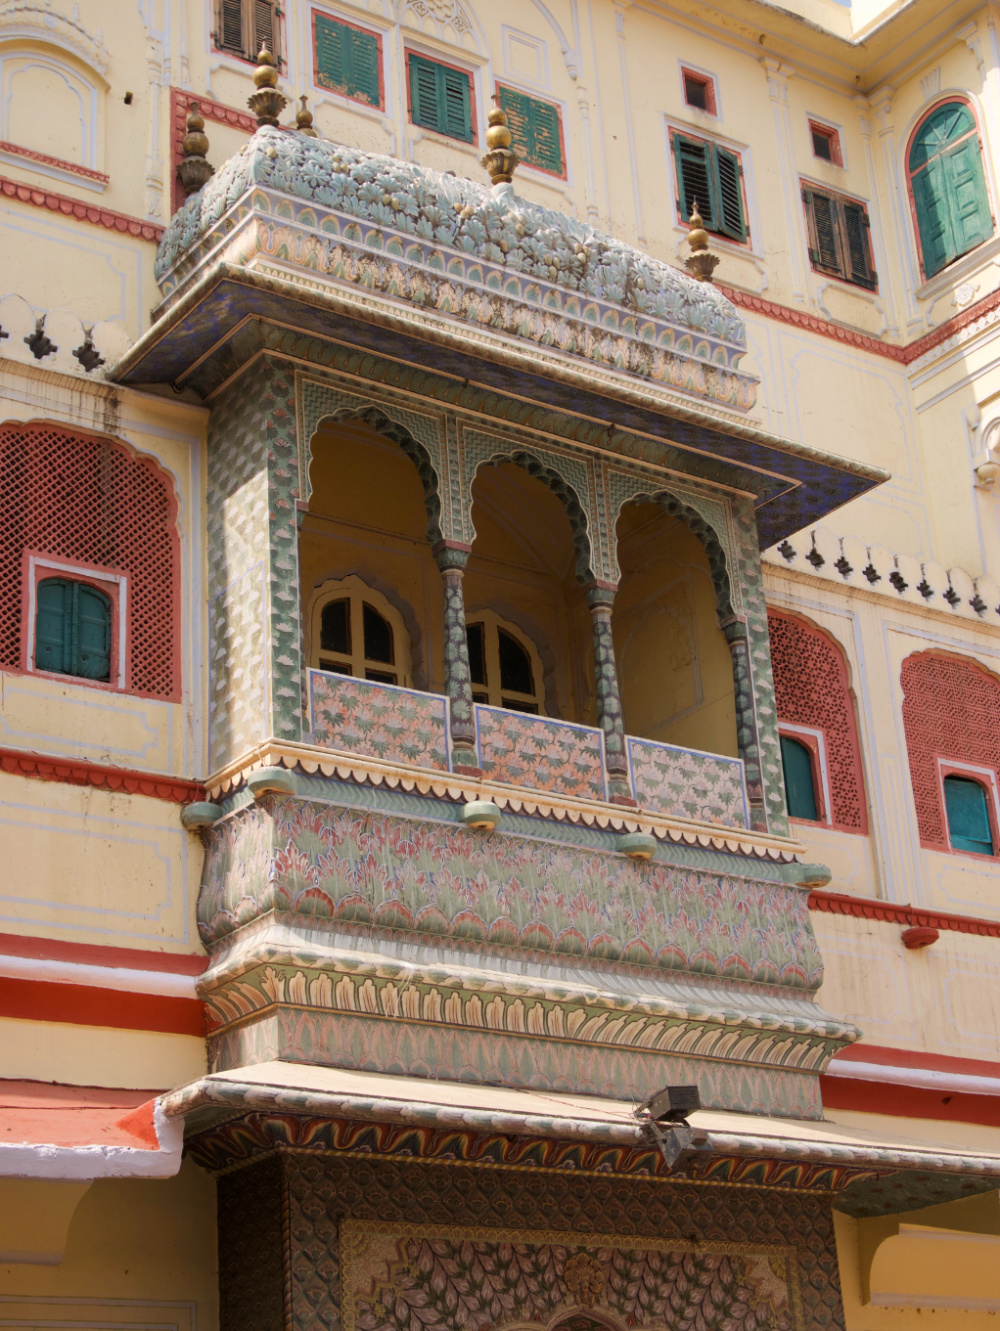 161-India-Jaipur